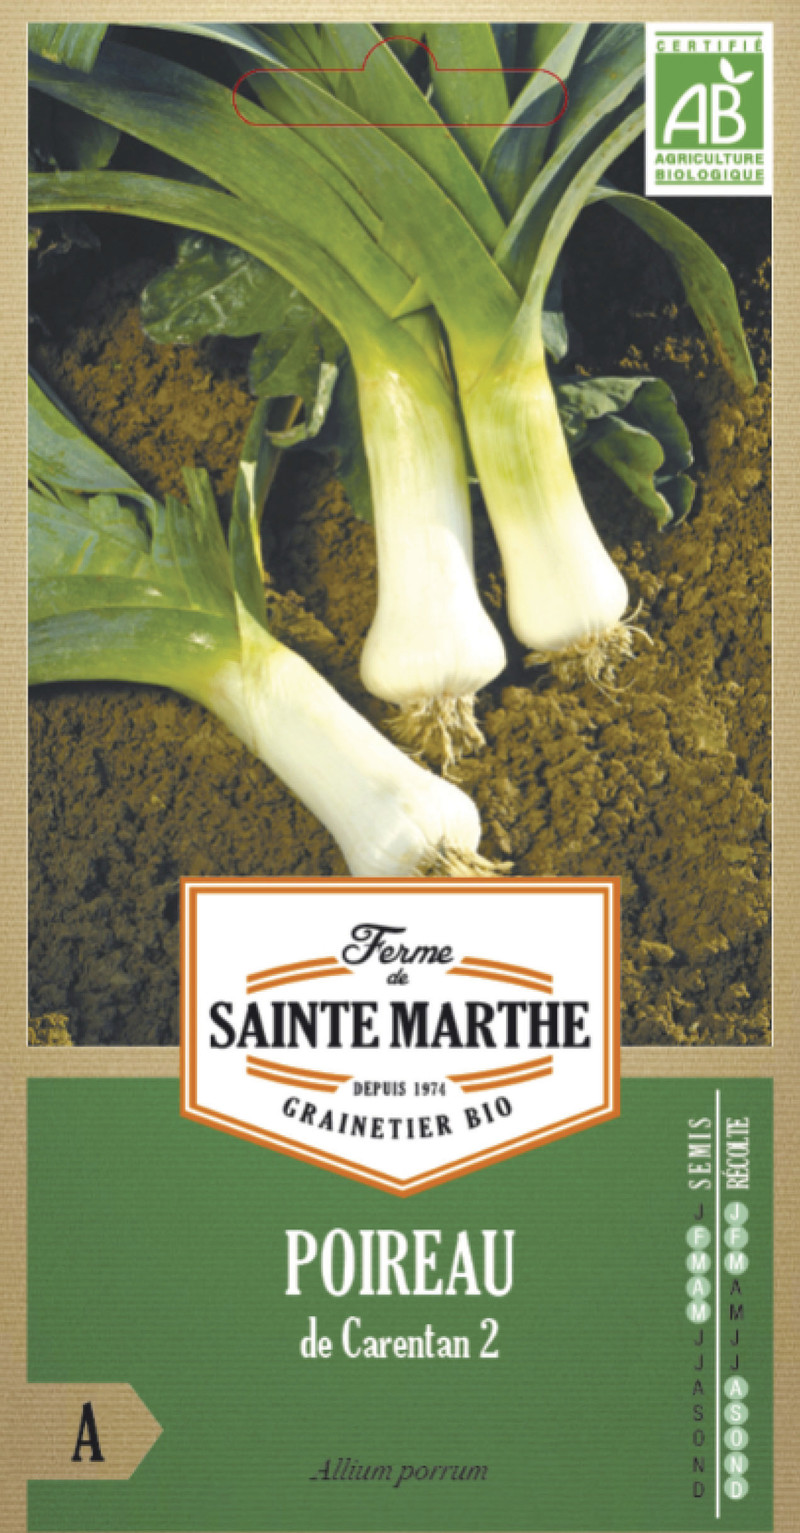 poireau de carentan 2 bio la ferme de sainte marthe graine semence potager sachet semis - Voir en grand